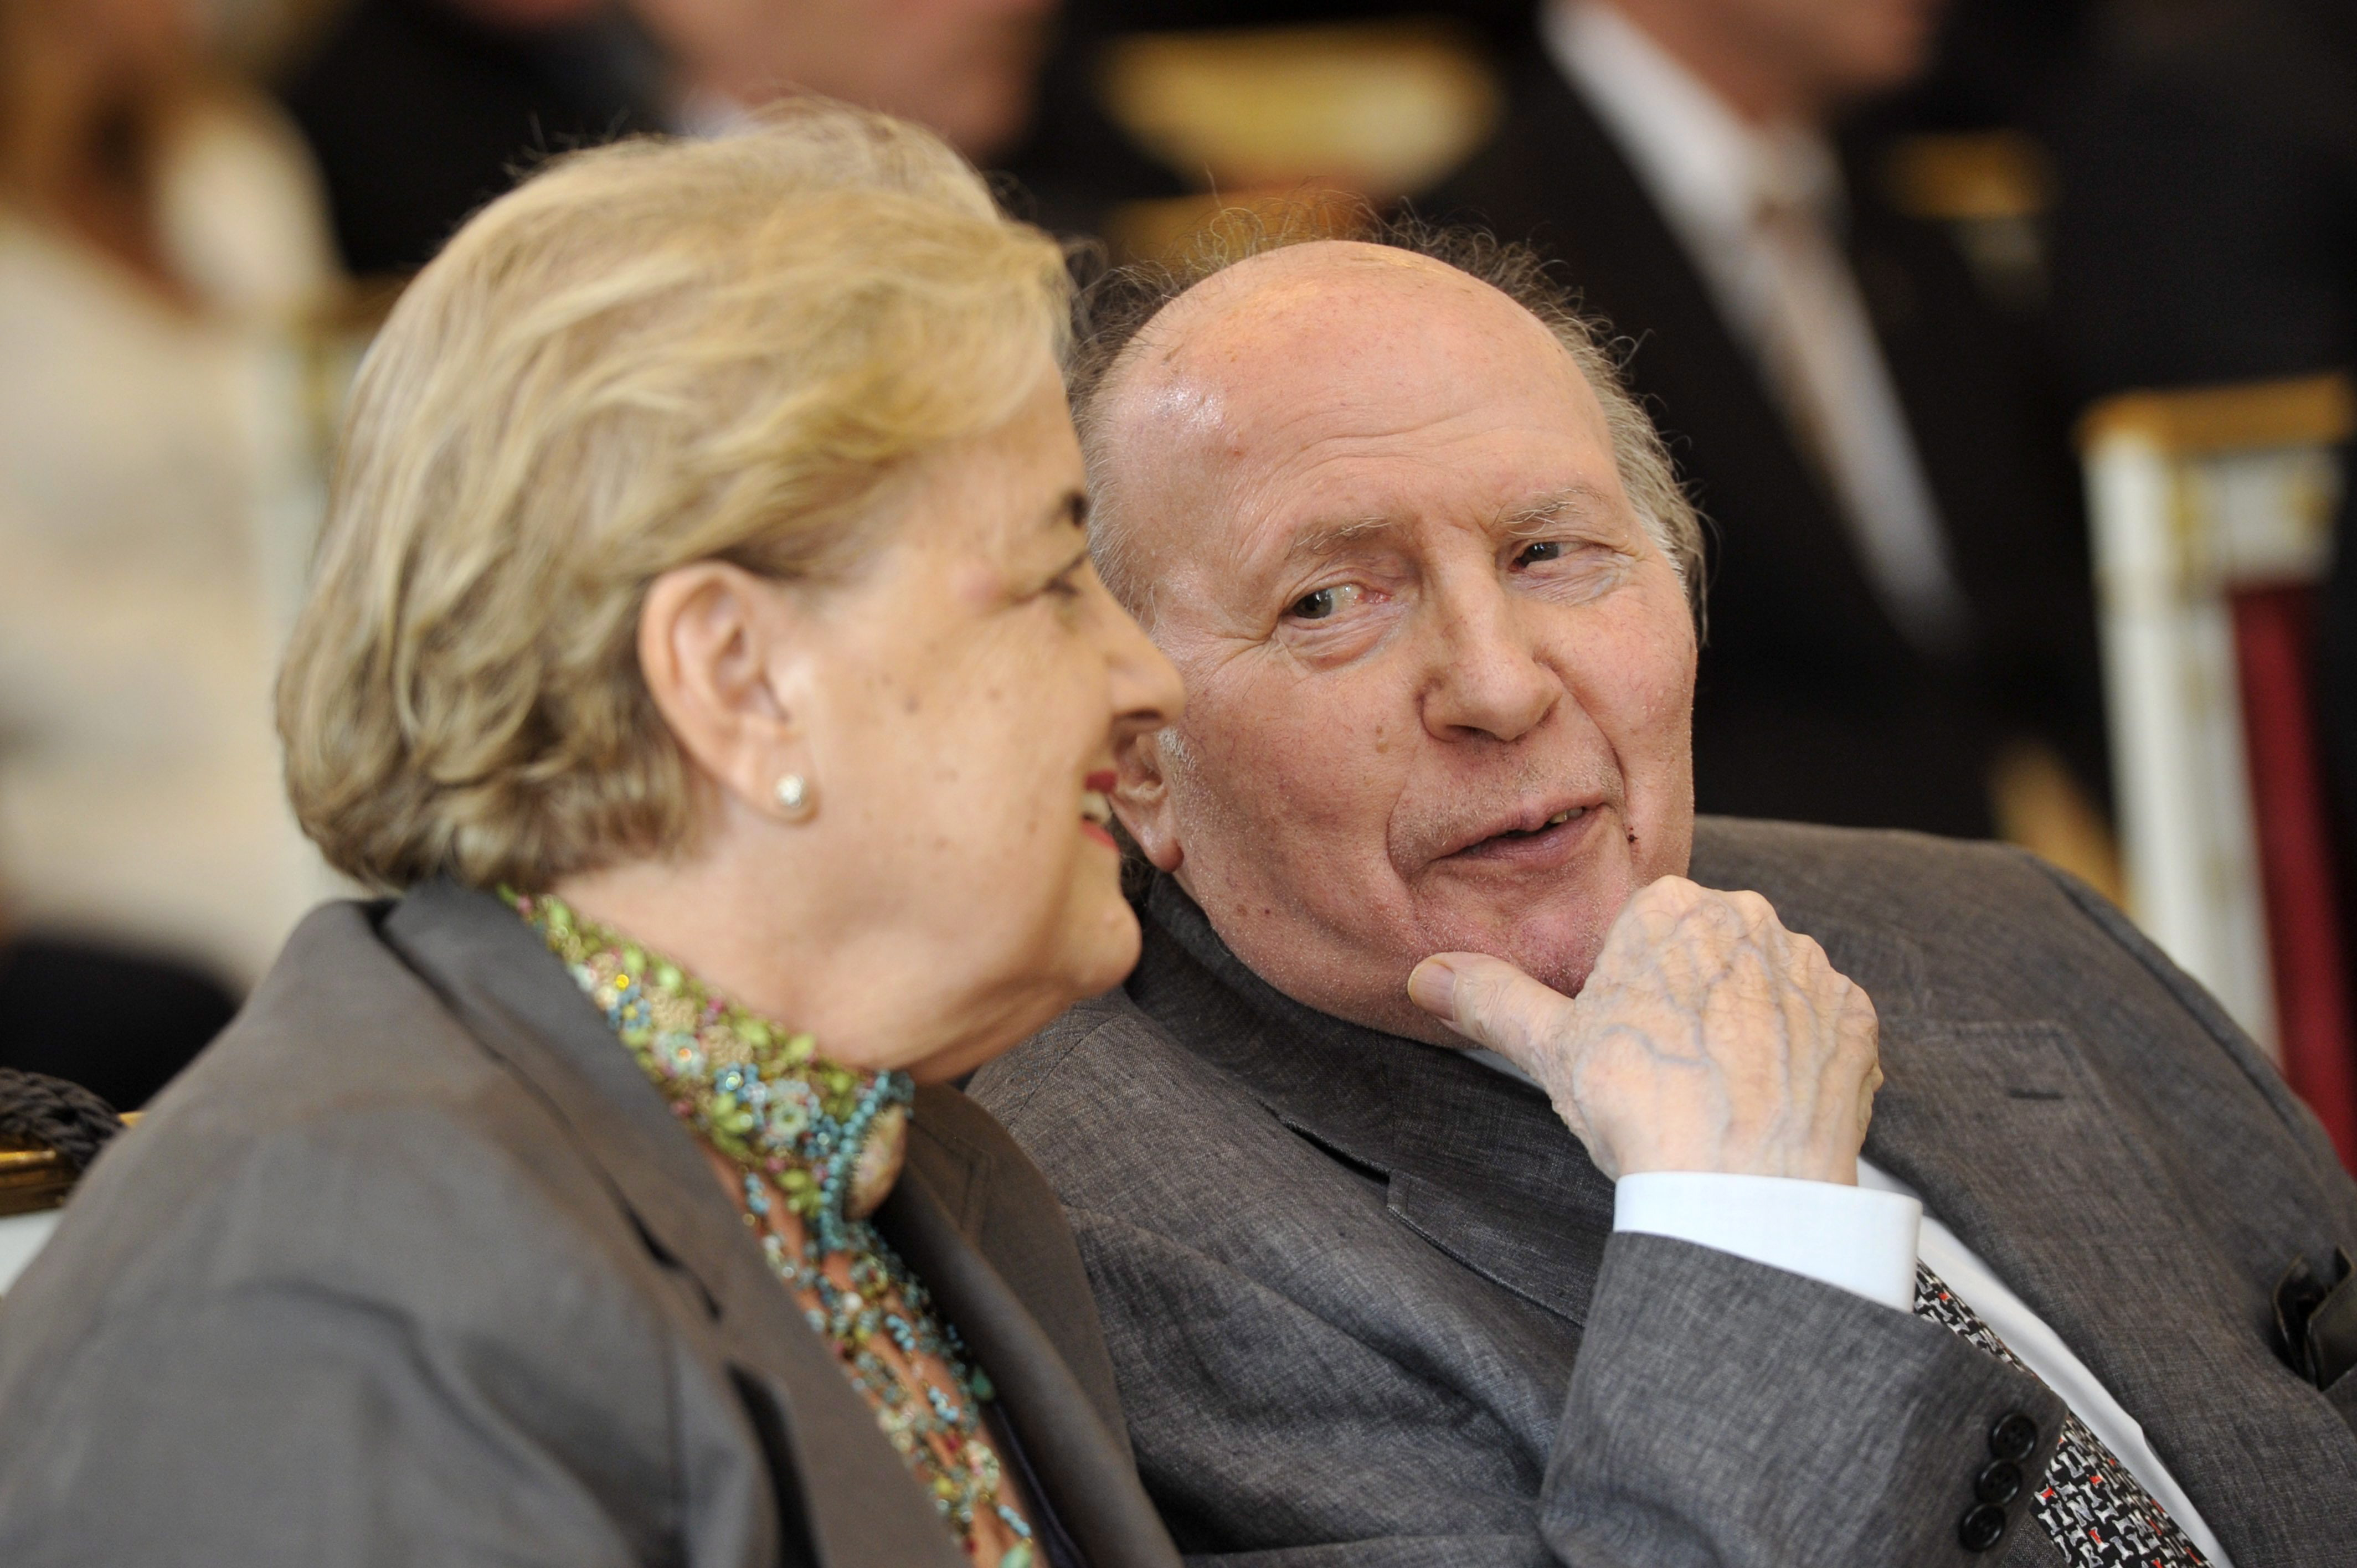 Holokauszttagadásért ítéltek el egy férfit, aki Kertész Imrétől idézett